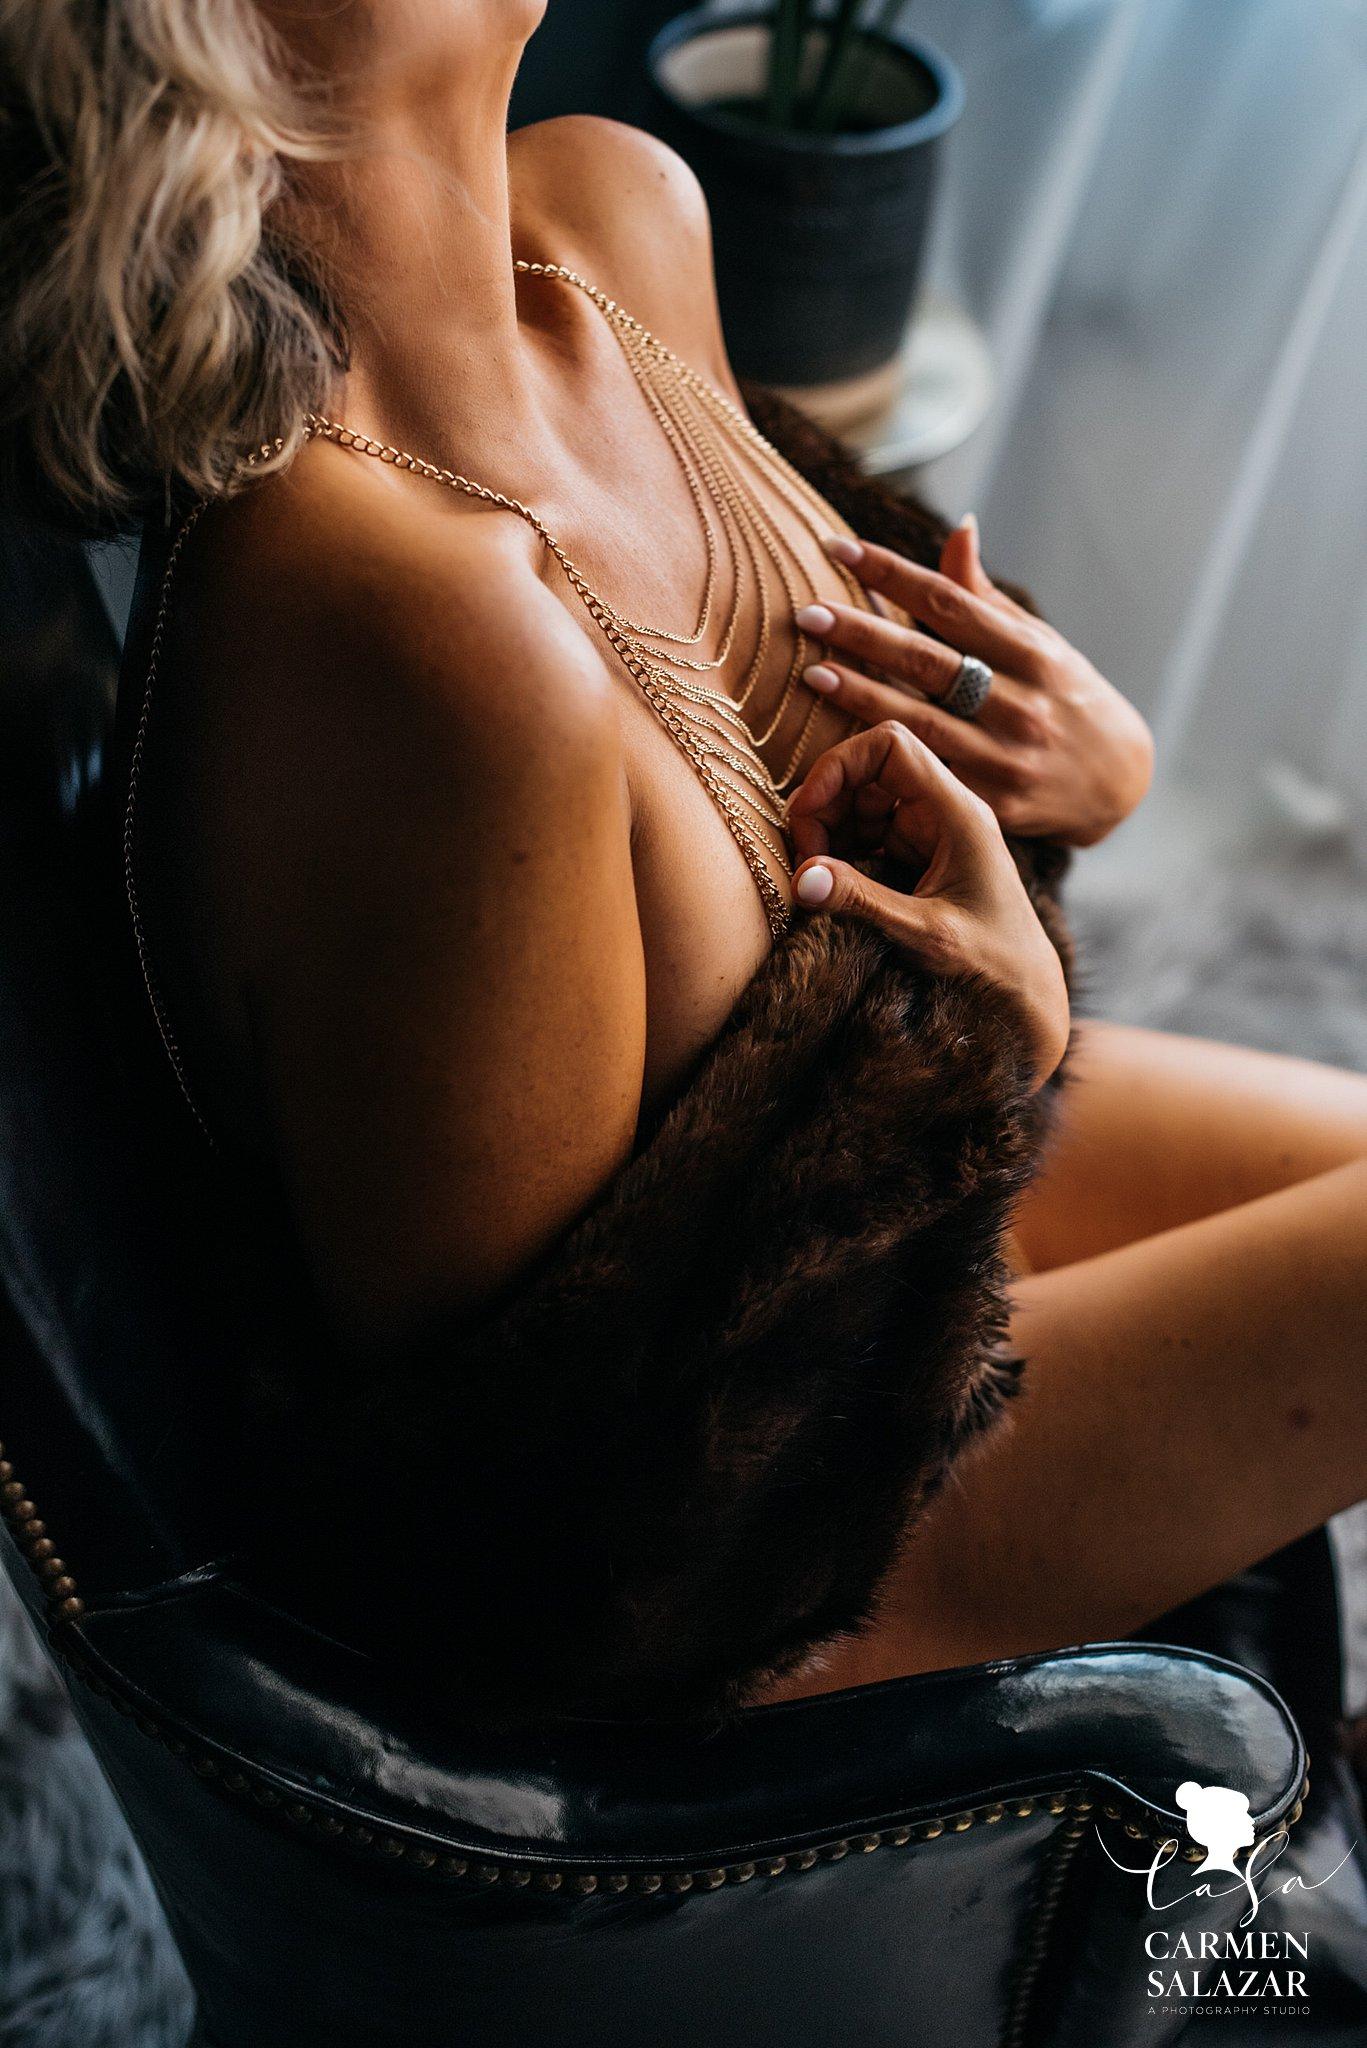 Closeup of sexy boudoir outfit by Sacramento Boudoir photographer Carmen Salazar